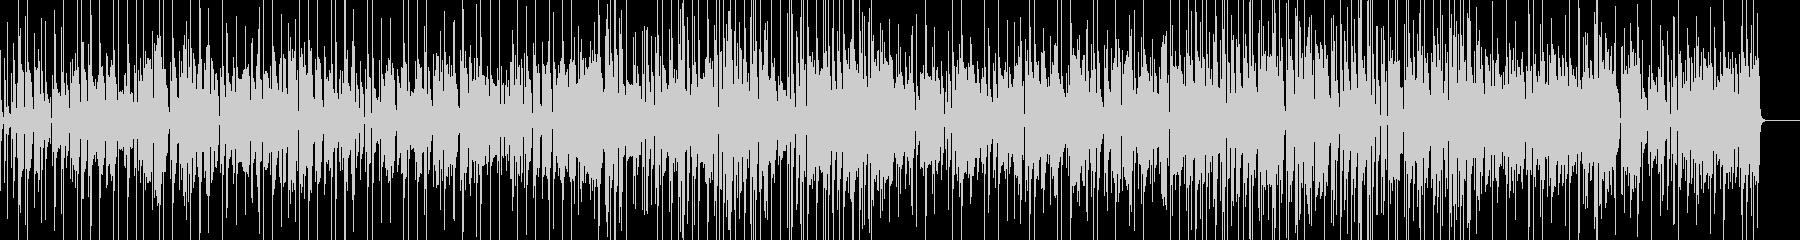 ちょっと落ち着いた雰囲気のシンプルR&Bの未再生の波形